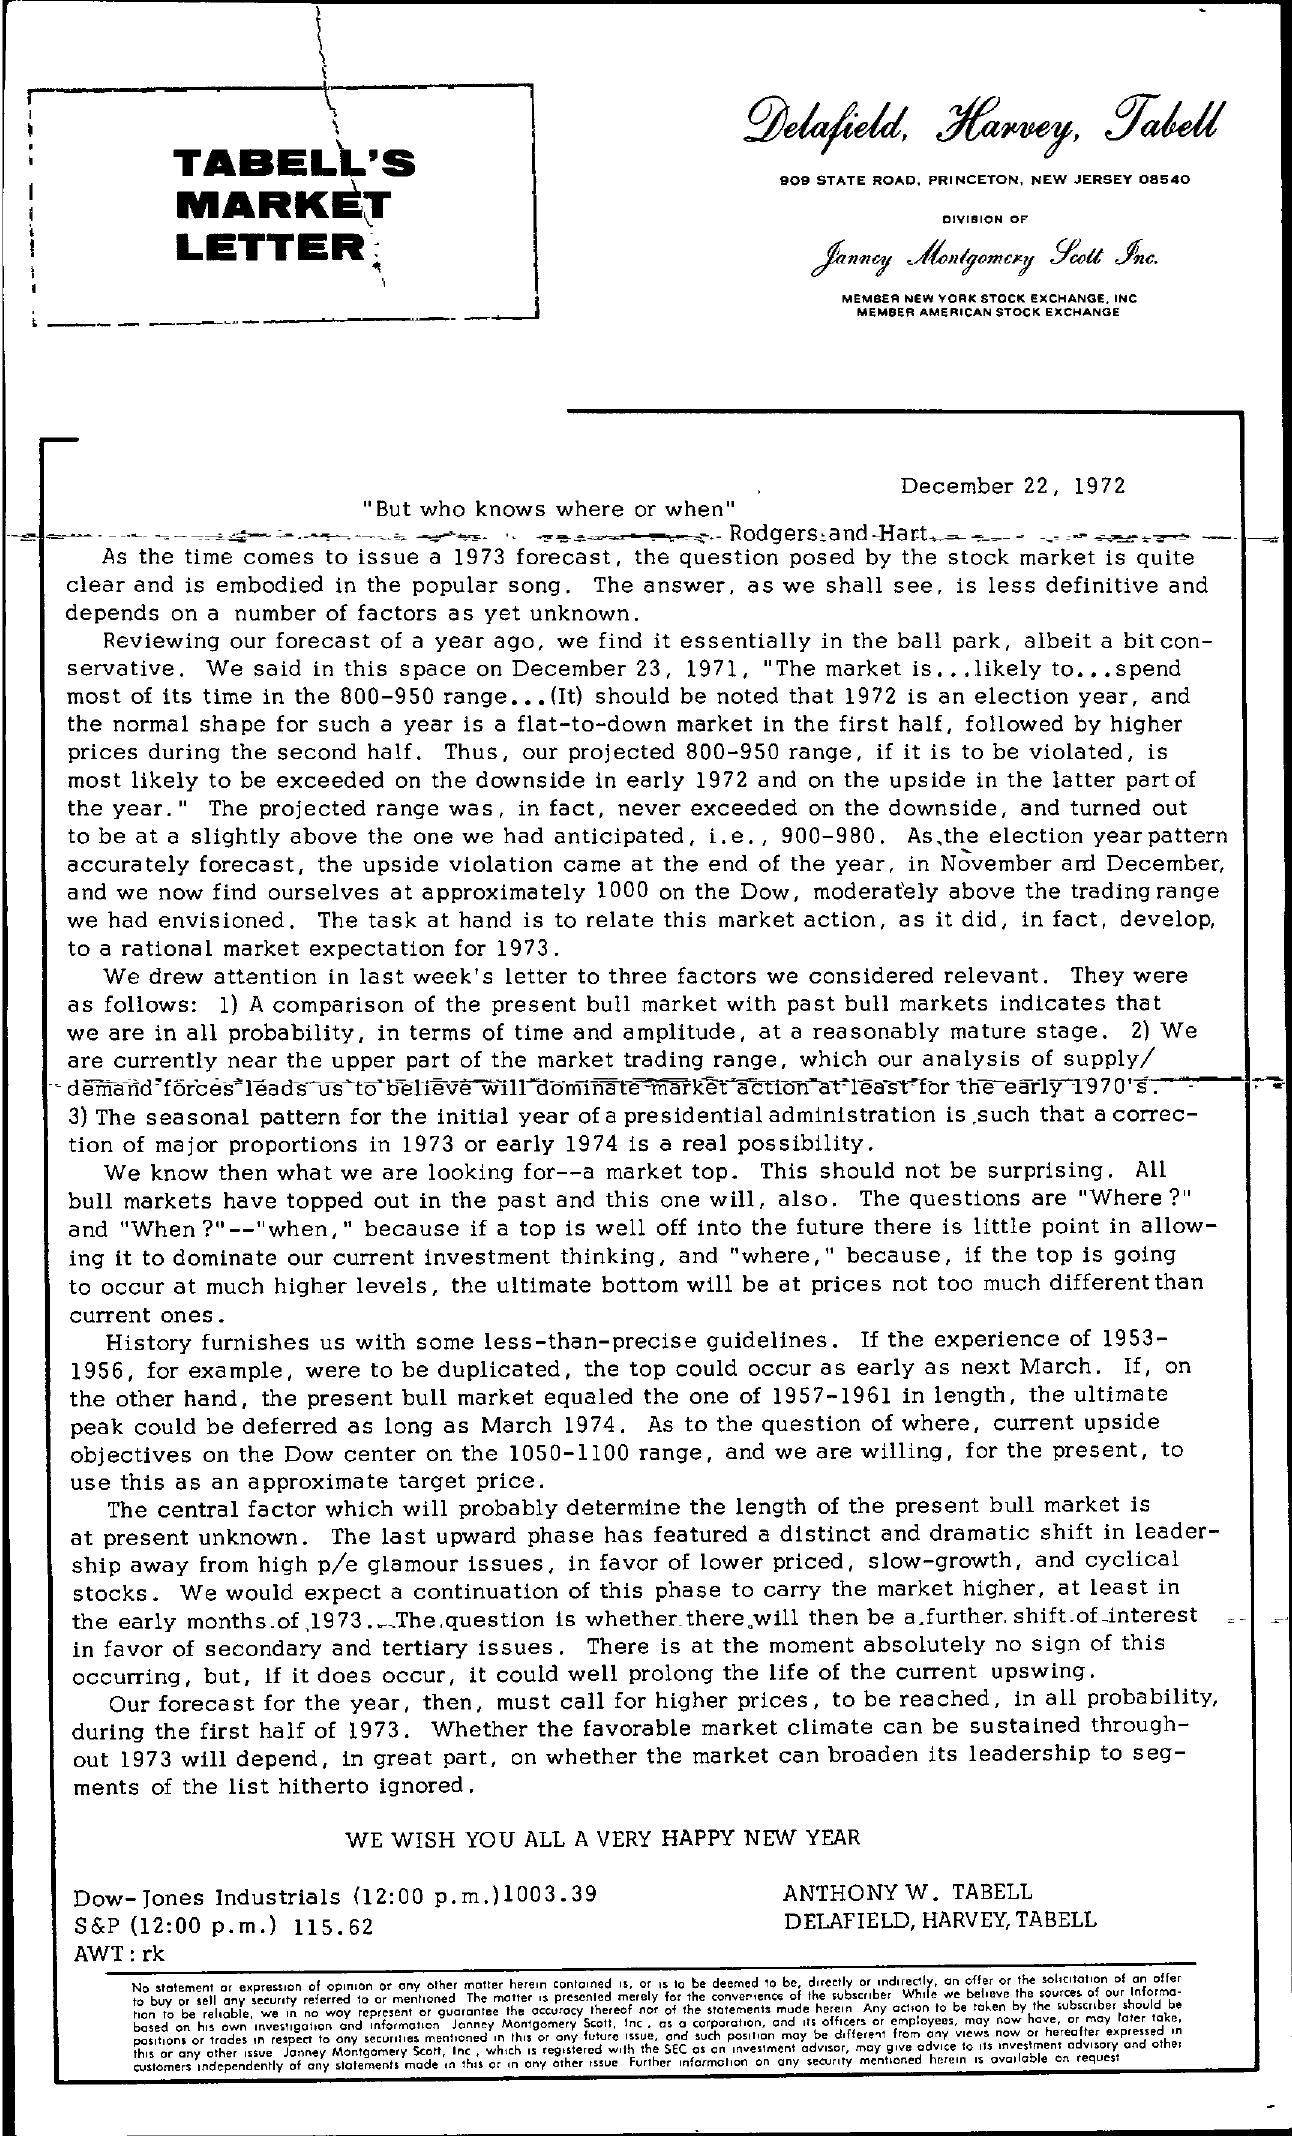 Tabell's Market Letter - December 22, 1972